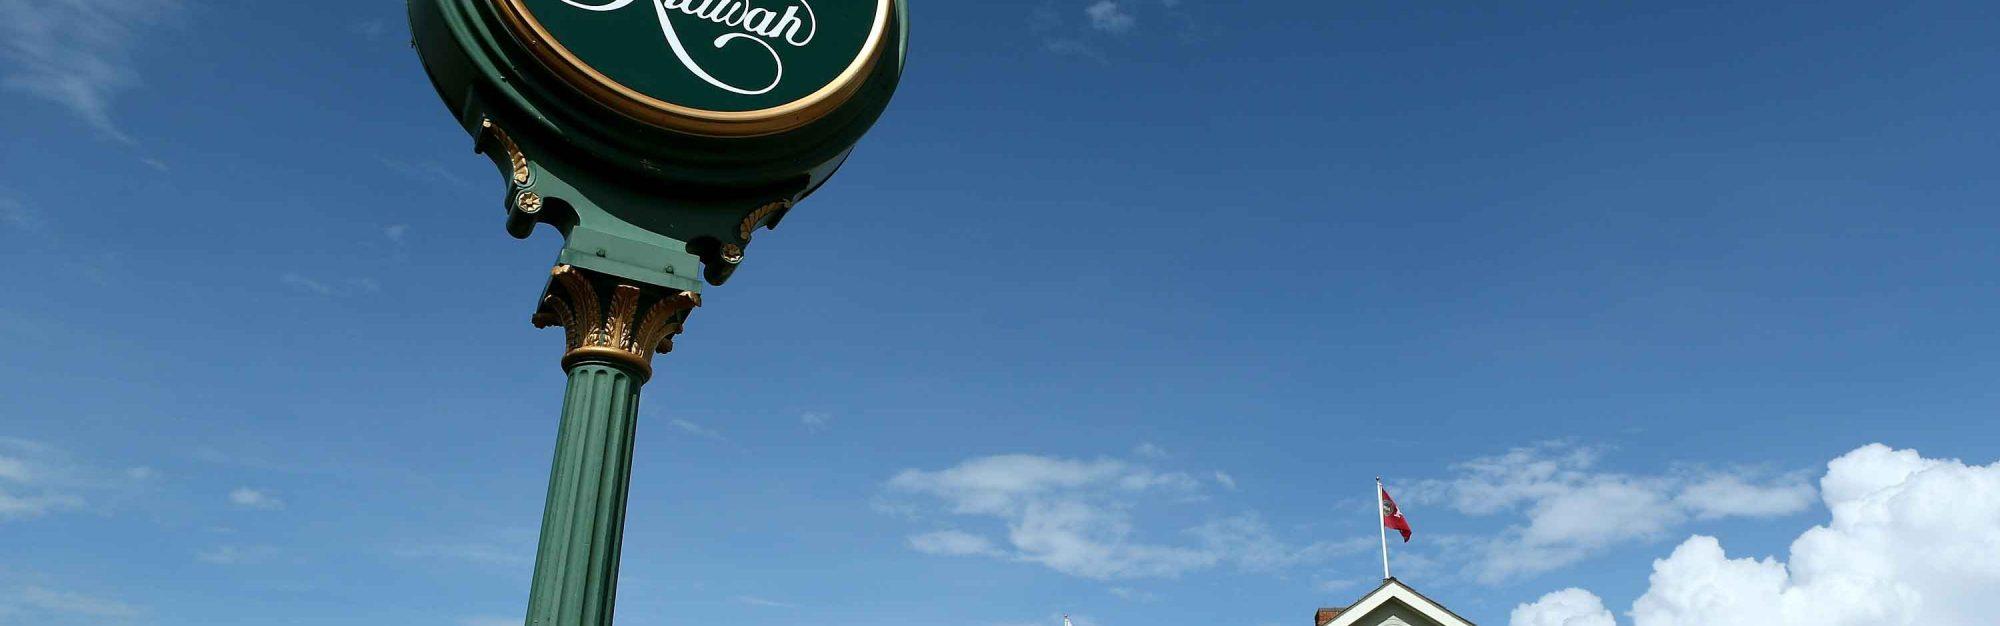 PGA Championship betting tips: Who will conquer at Kiawah?